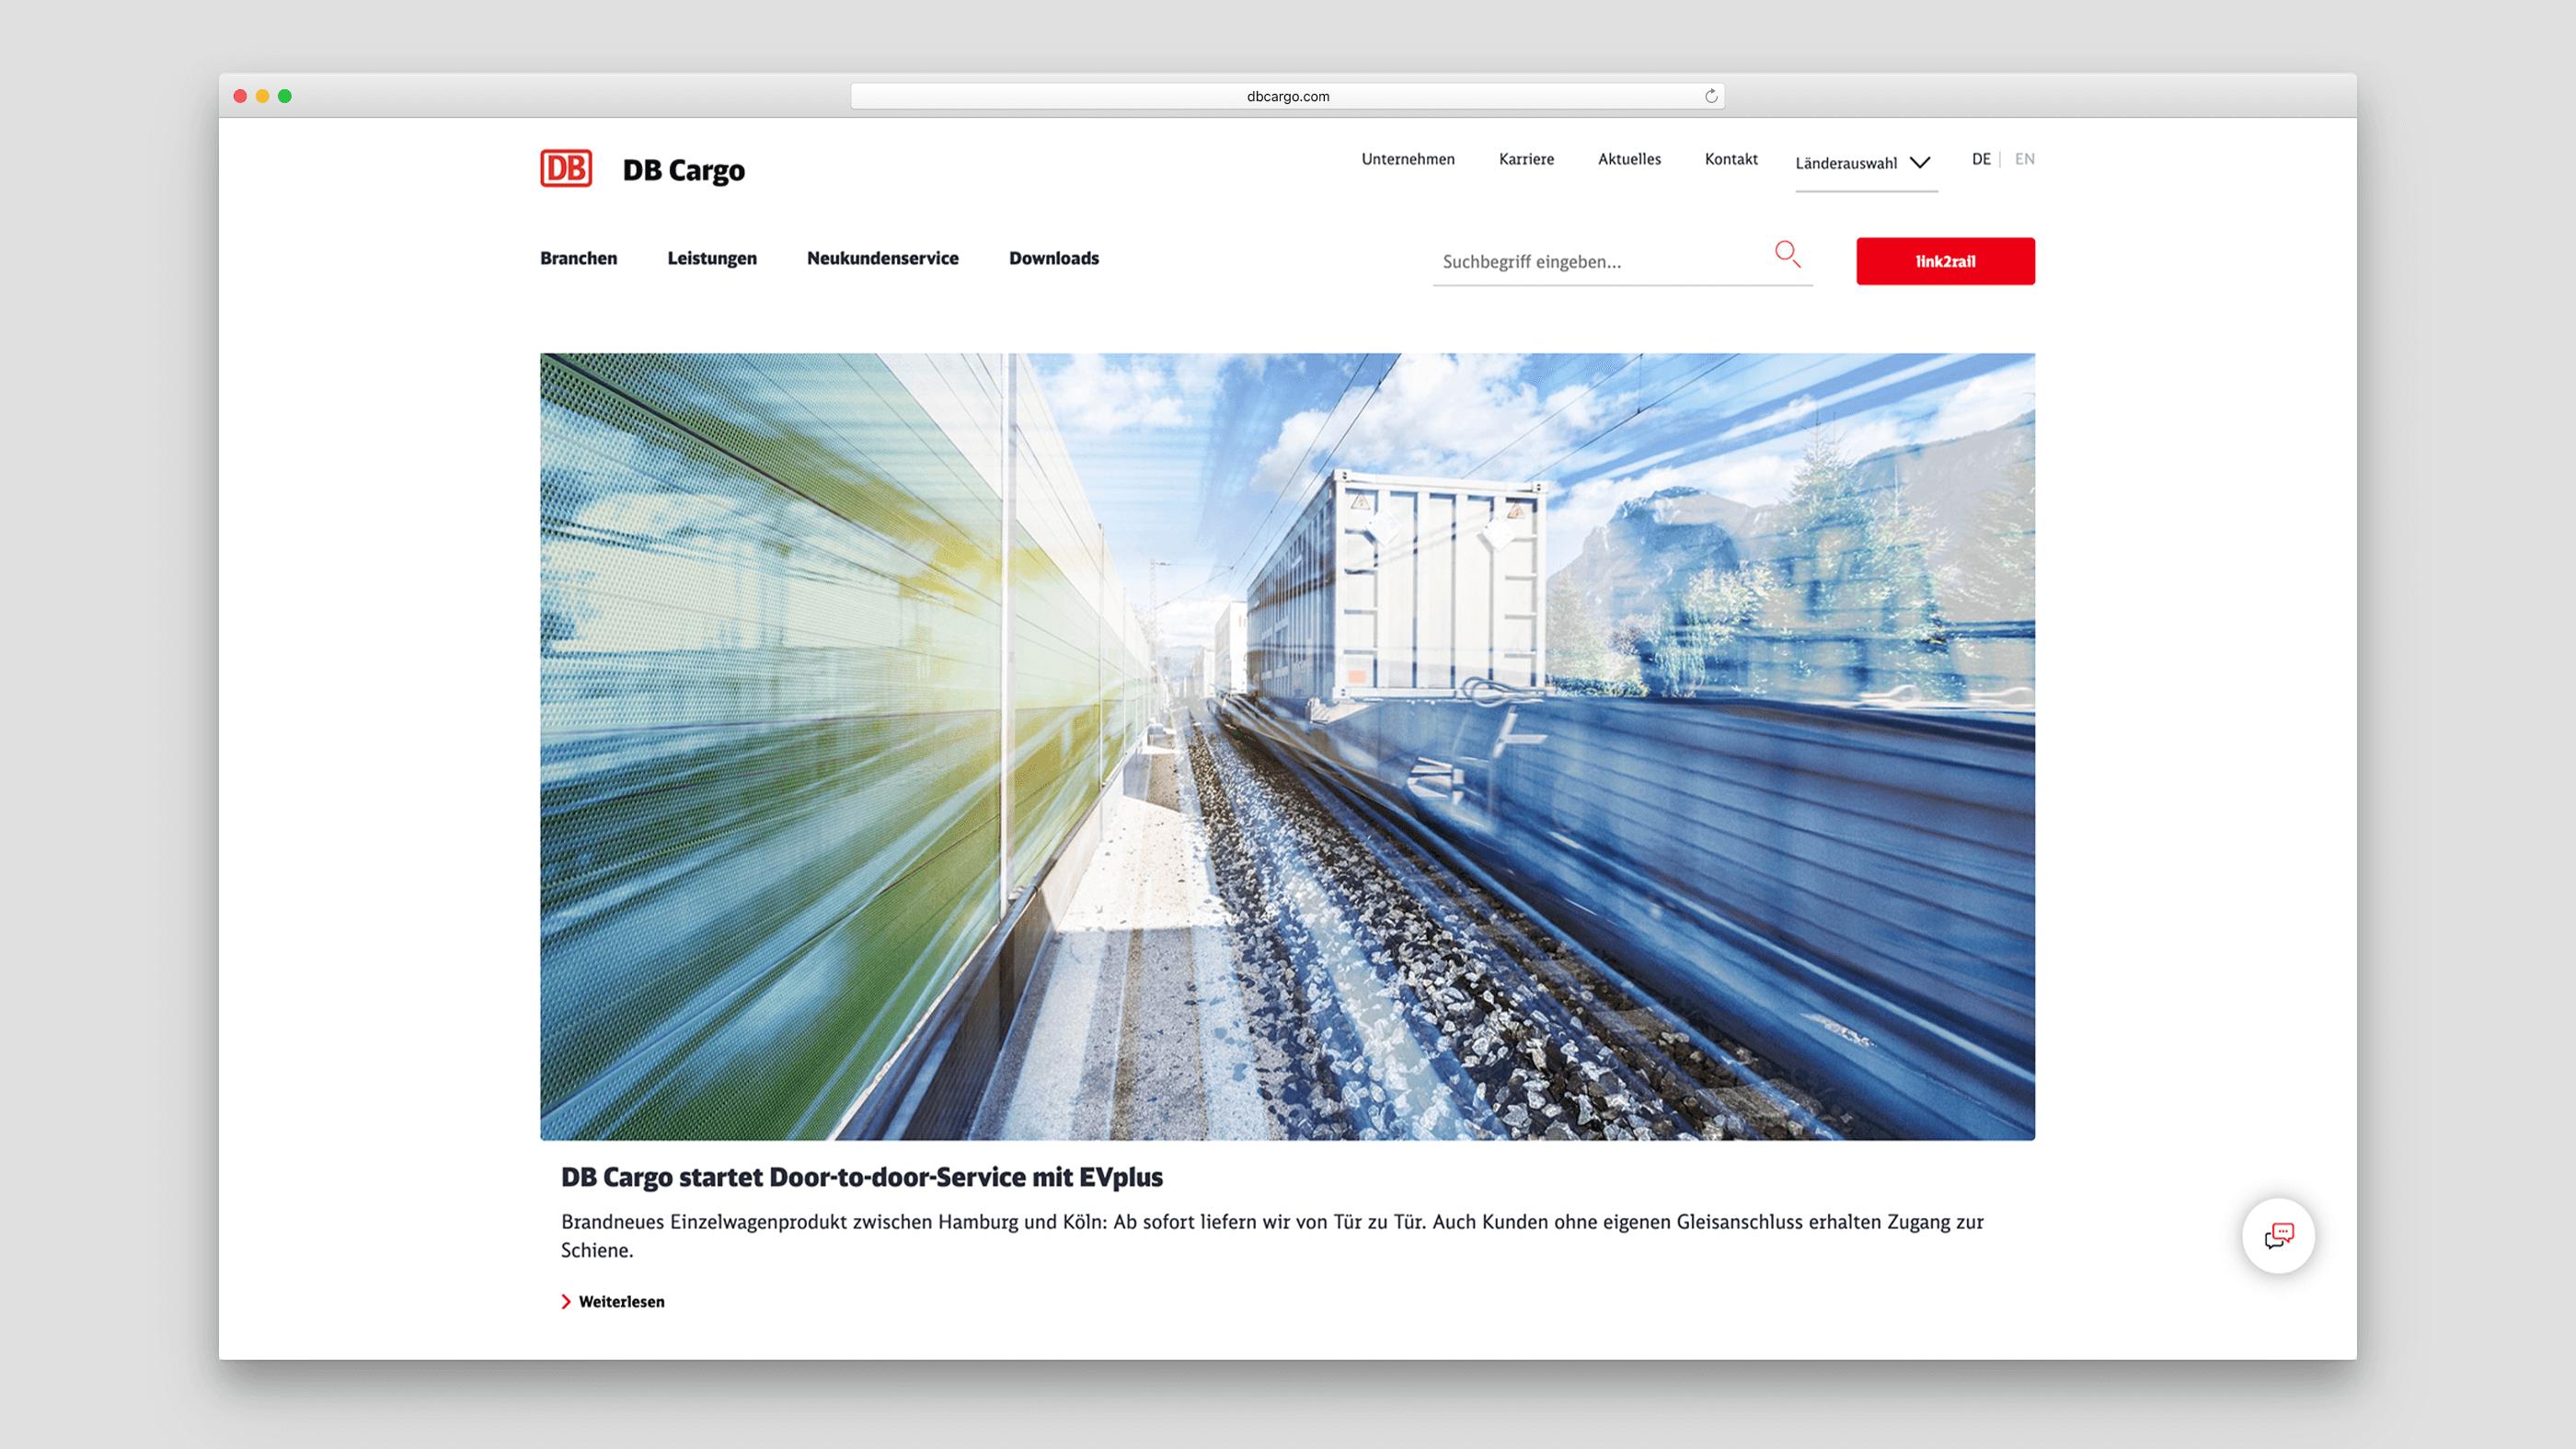 Überlagerung mehrerer futuristischer Bilder von Zügen und Gleis